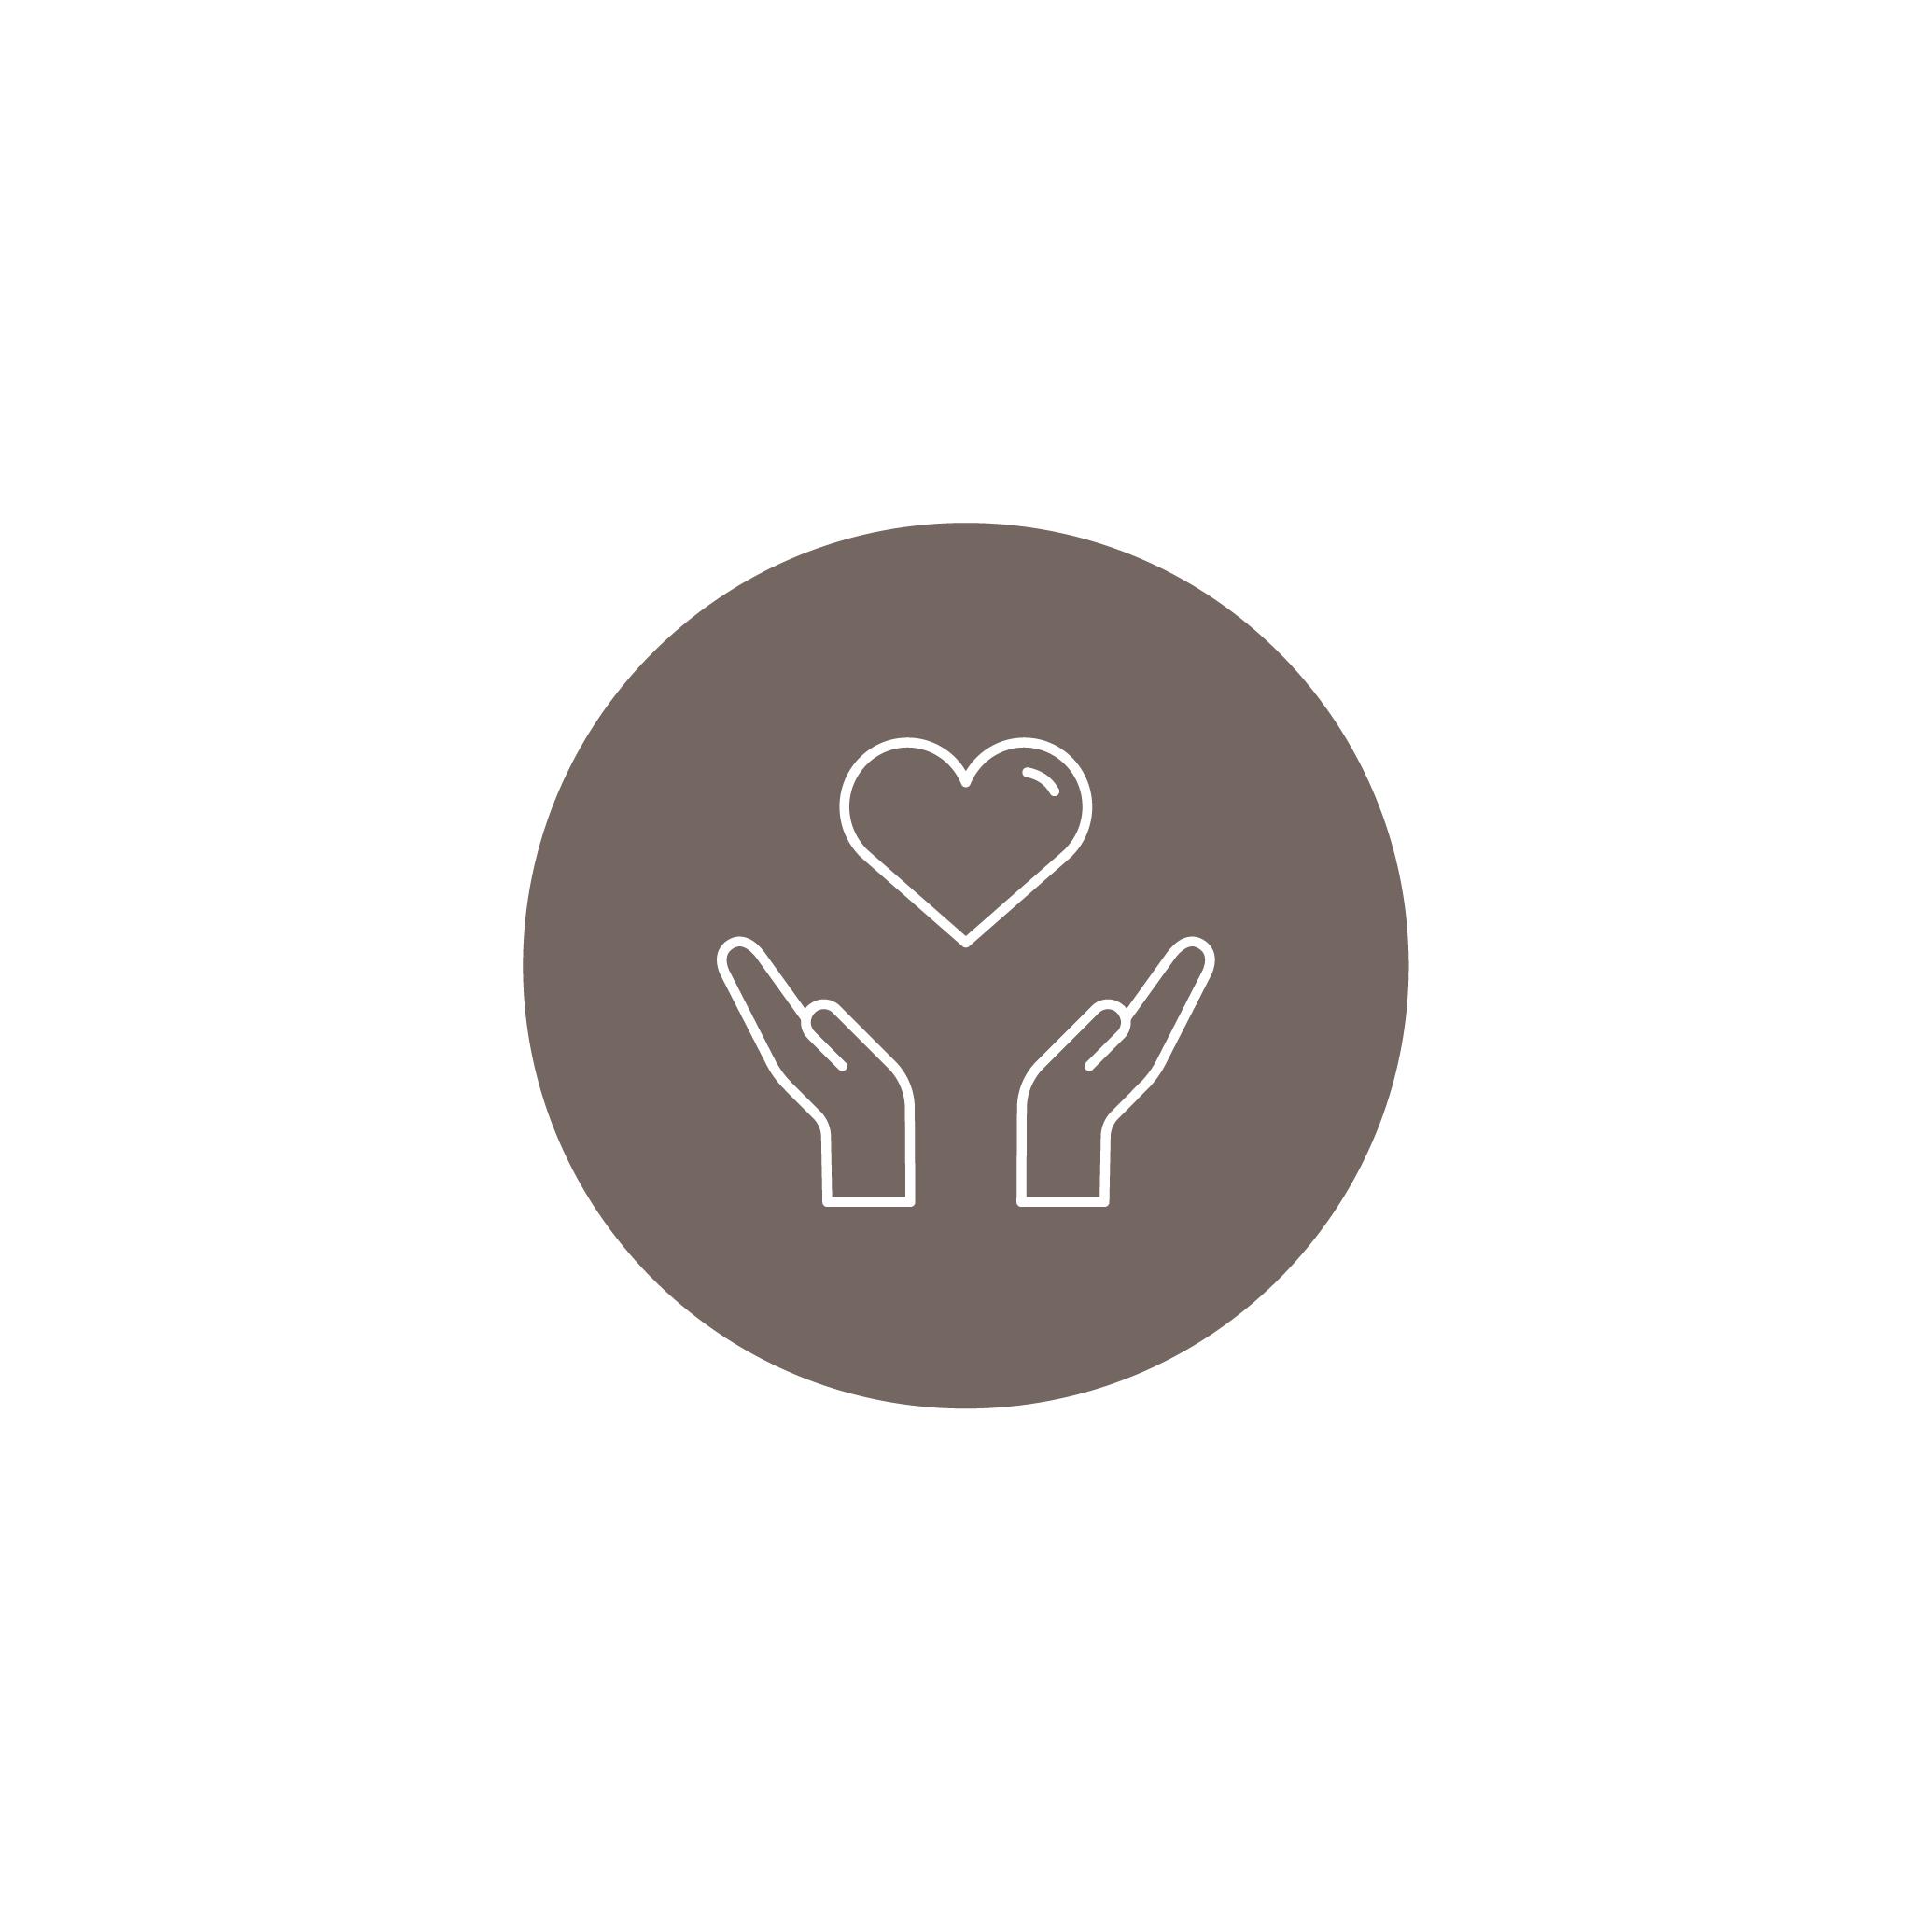 Herzblut  Wir brennen für die #coffeetogorevolution: Mit Leidenschaft, Begeisterung und Energie treiben wir Nachhaltigkeit vorwärts.